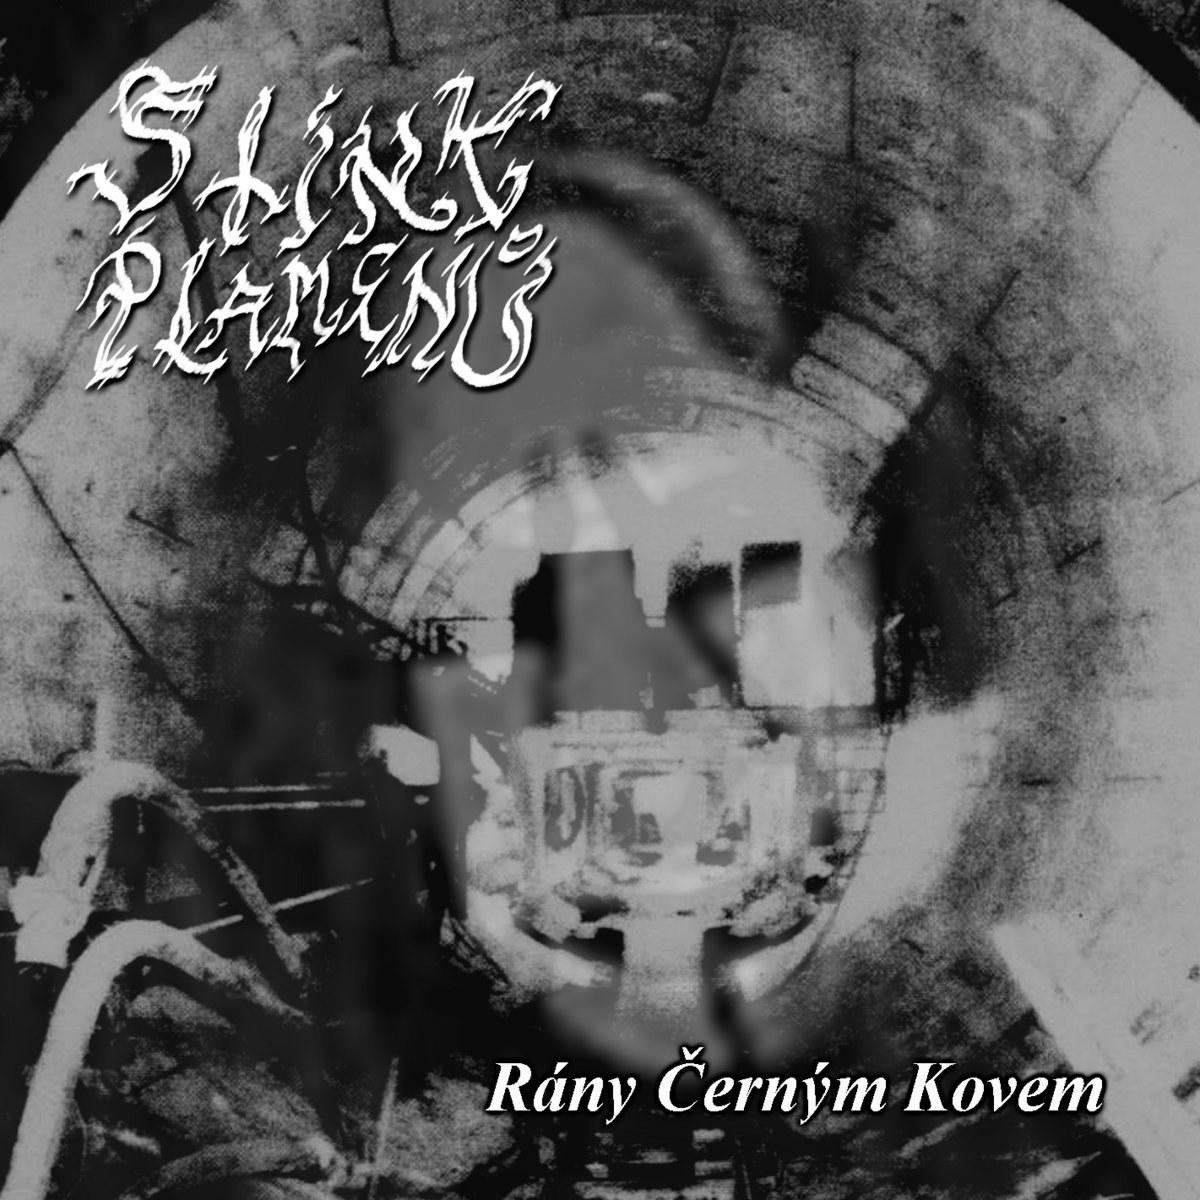 Review for Stíny Plamenů - Rány Cerným Kovem